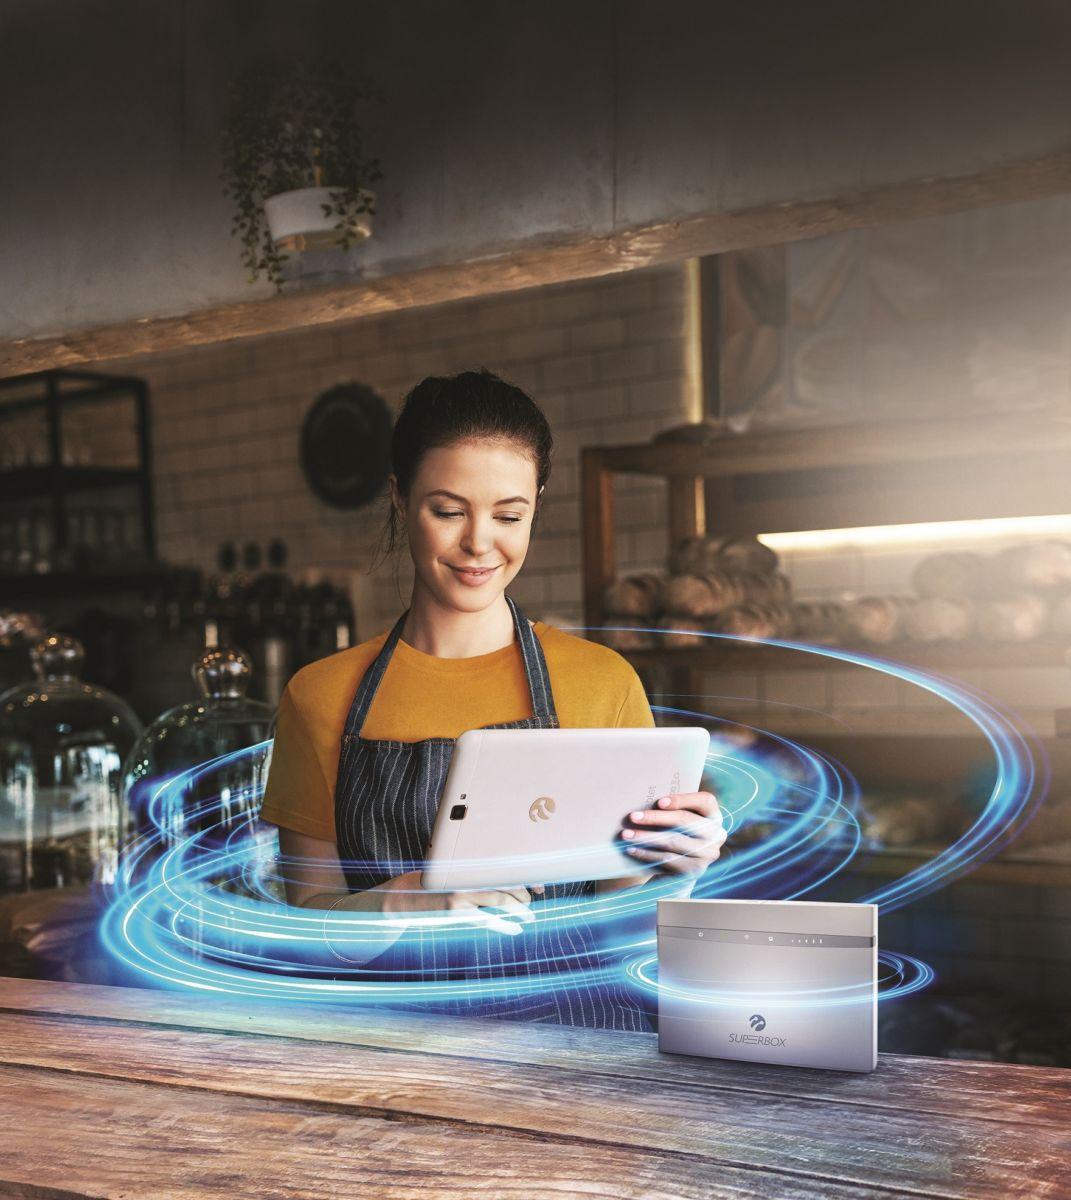 Superbox ile fiber hızında ev interneti her yerde